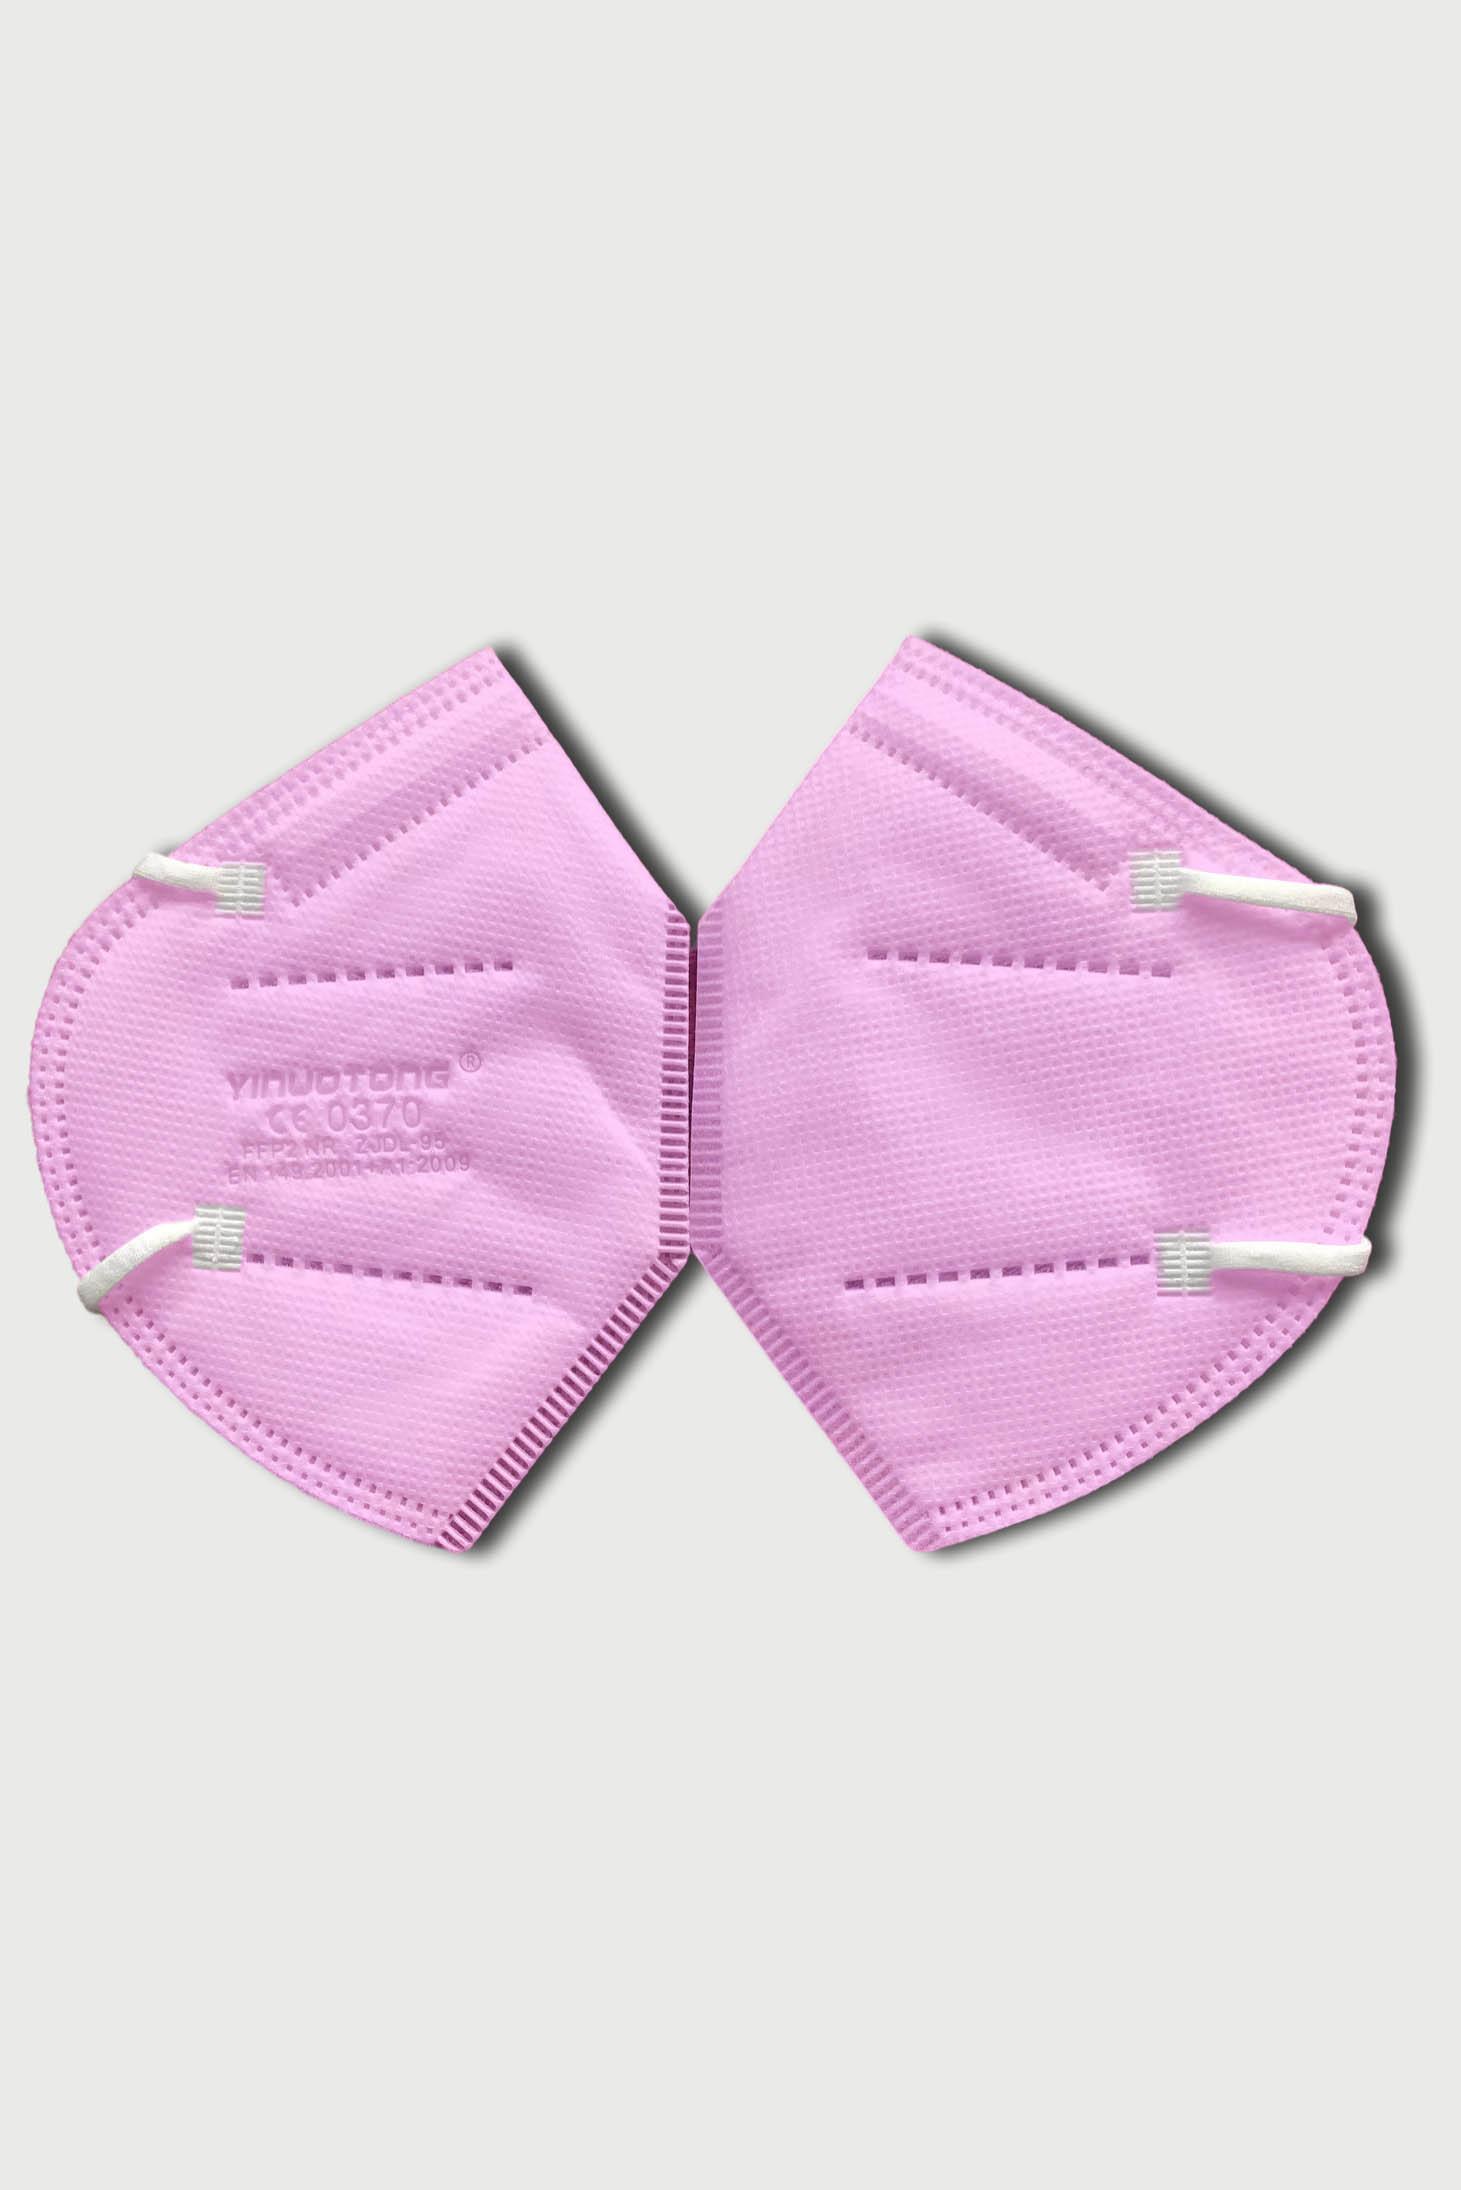 Masca de protectie roz cu filtru FFP2 reutilizabila cu certificat CE